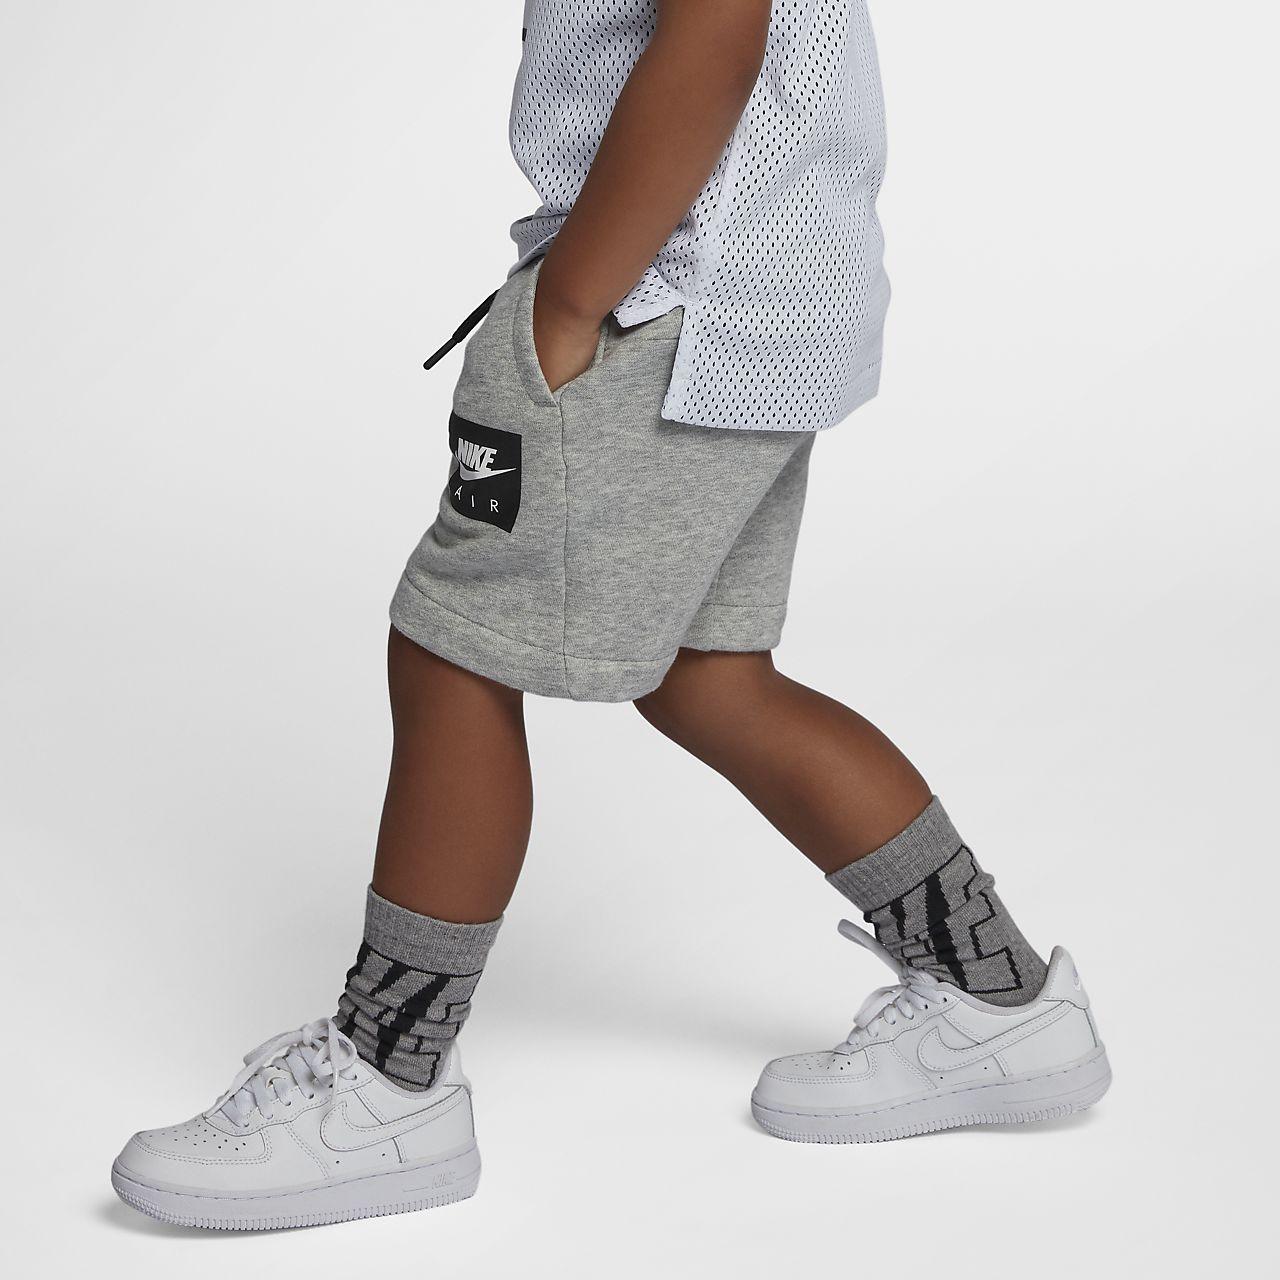 Nike Air 幼童针织短裤